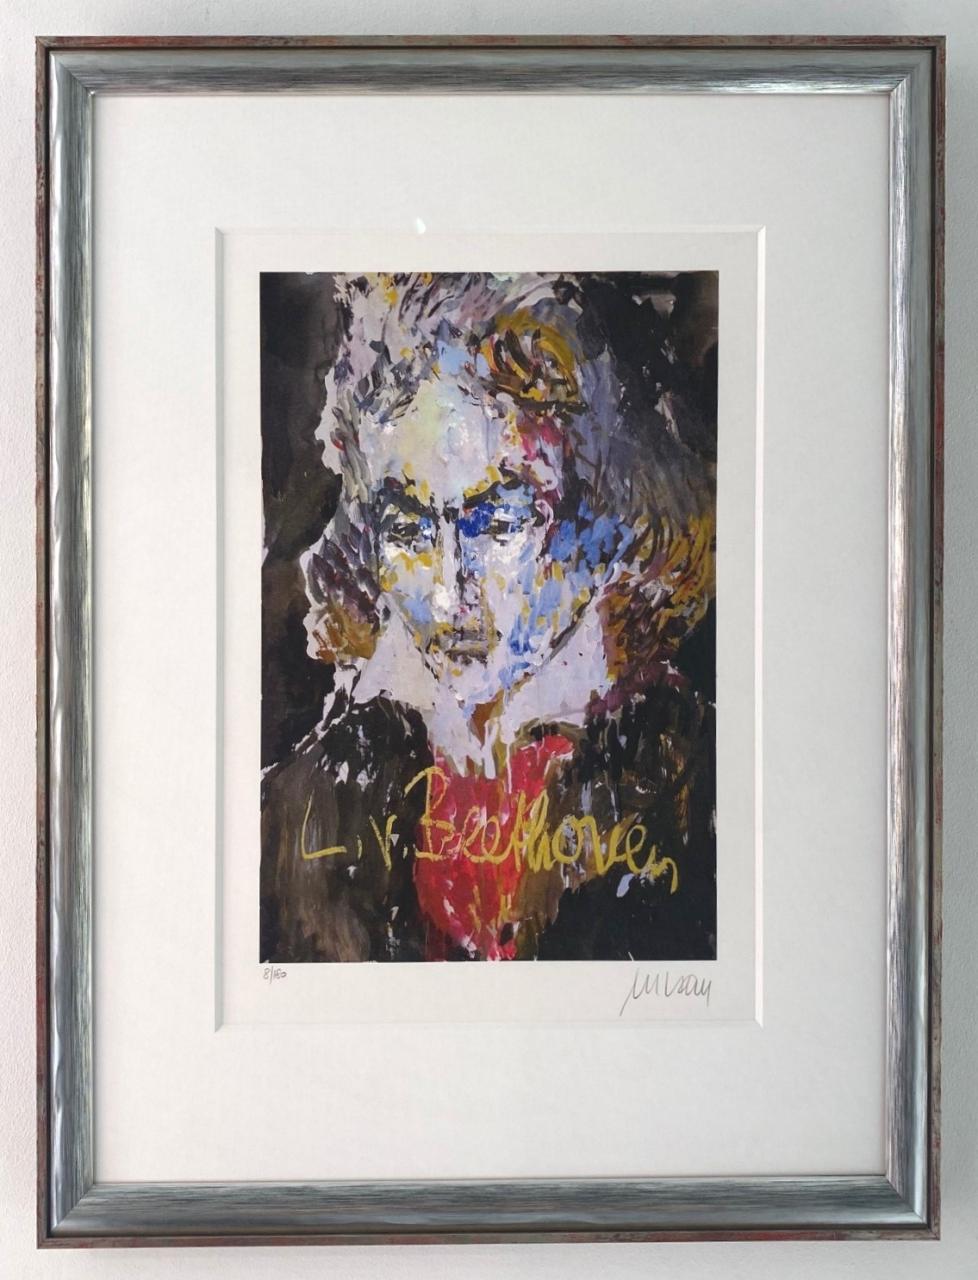 Ludwig van Beethoven, gerahmt (silber-blau)